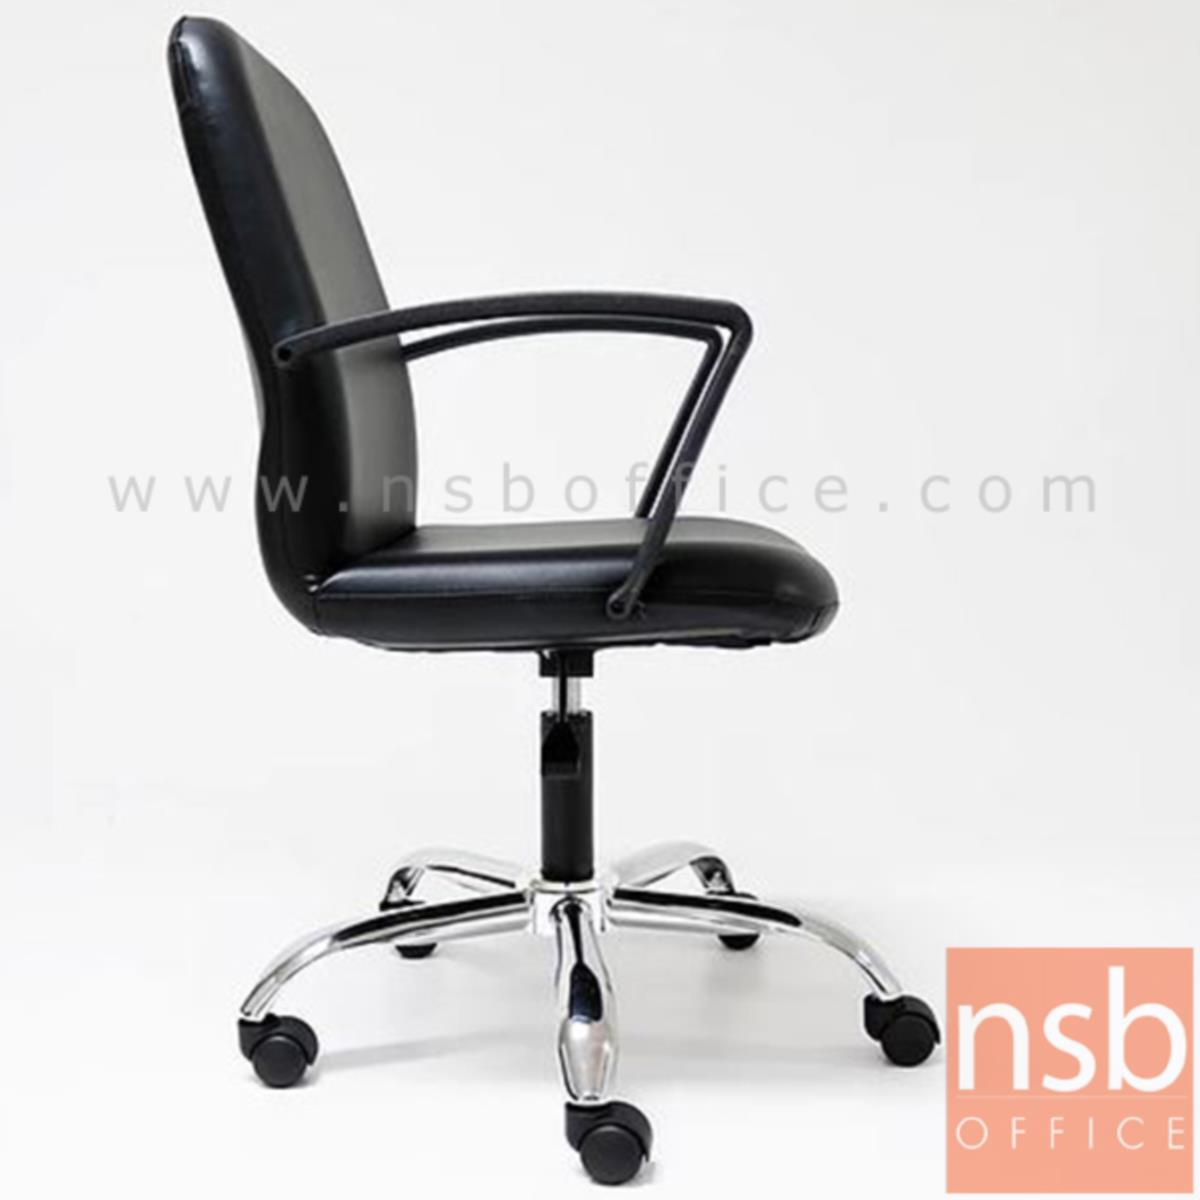 เก้าอี้สำนักงาน  รุ่น PE-0061L  โช๊คแก๊ส ขาเหล็กชุบโครเมี่ยม